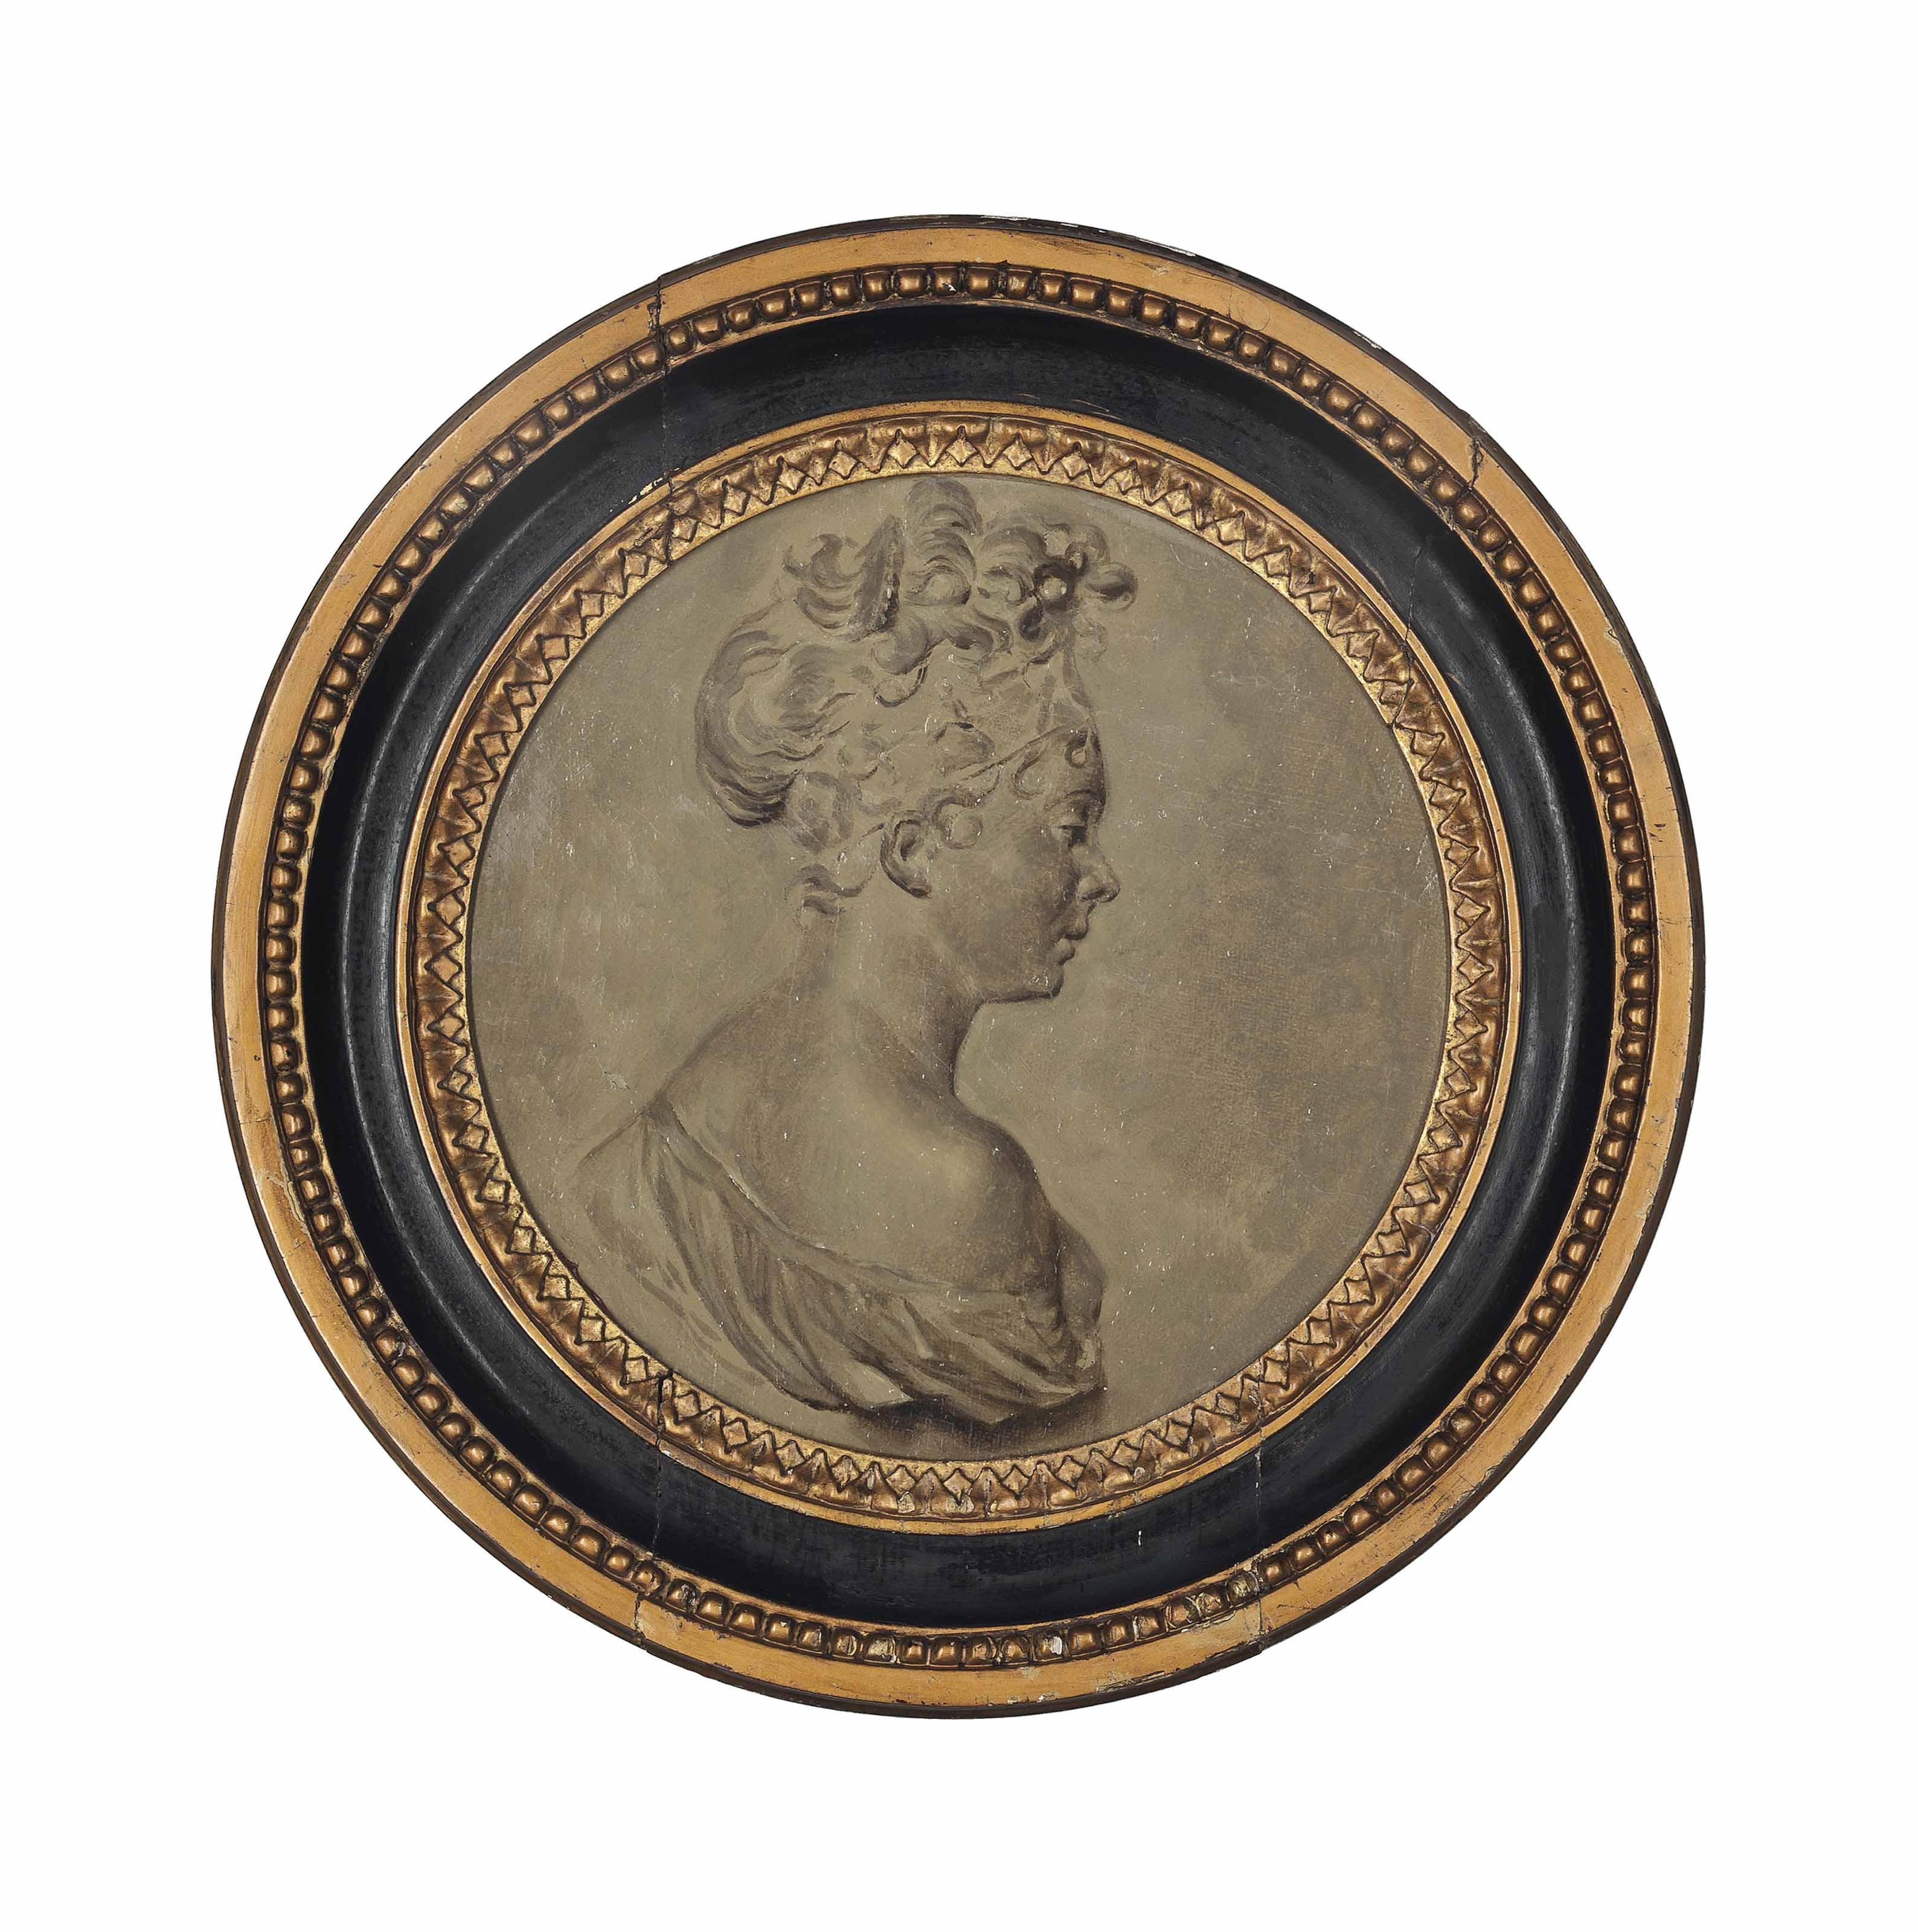 Portrait of Madame Juliette Récamier (1777 - 1849), bust-length, en grisaille, tondo